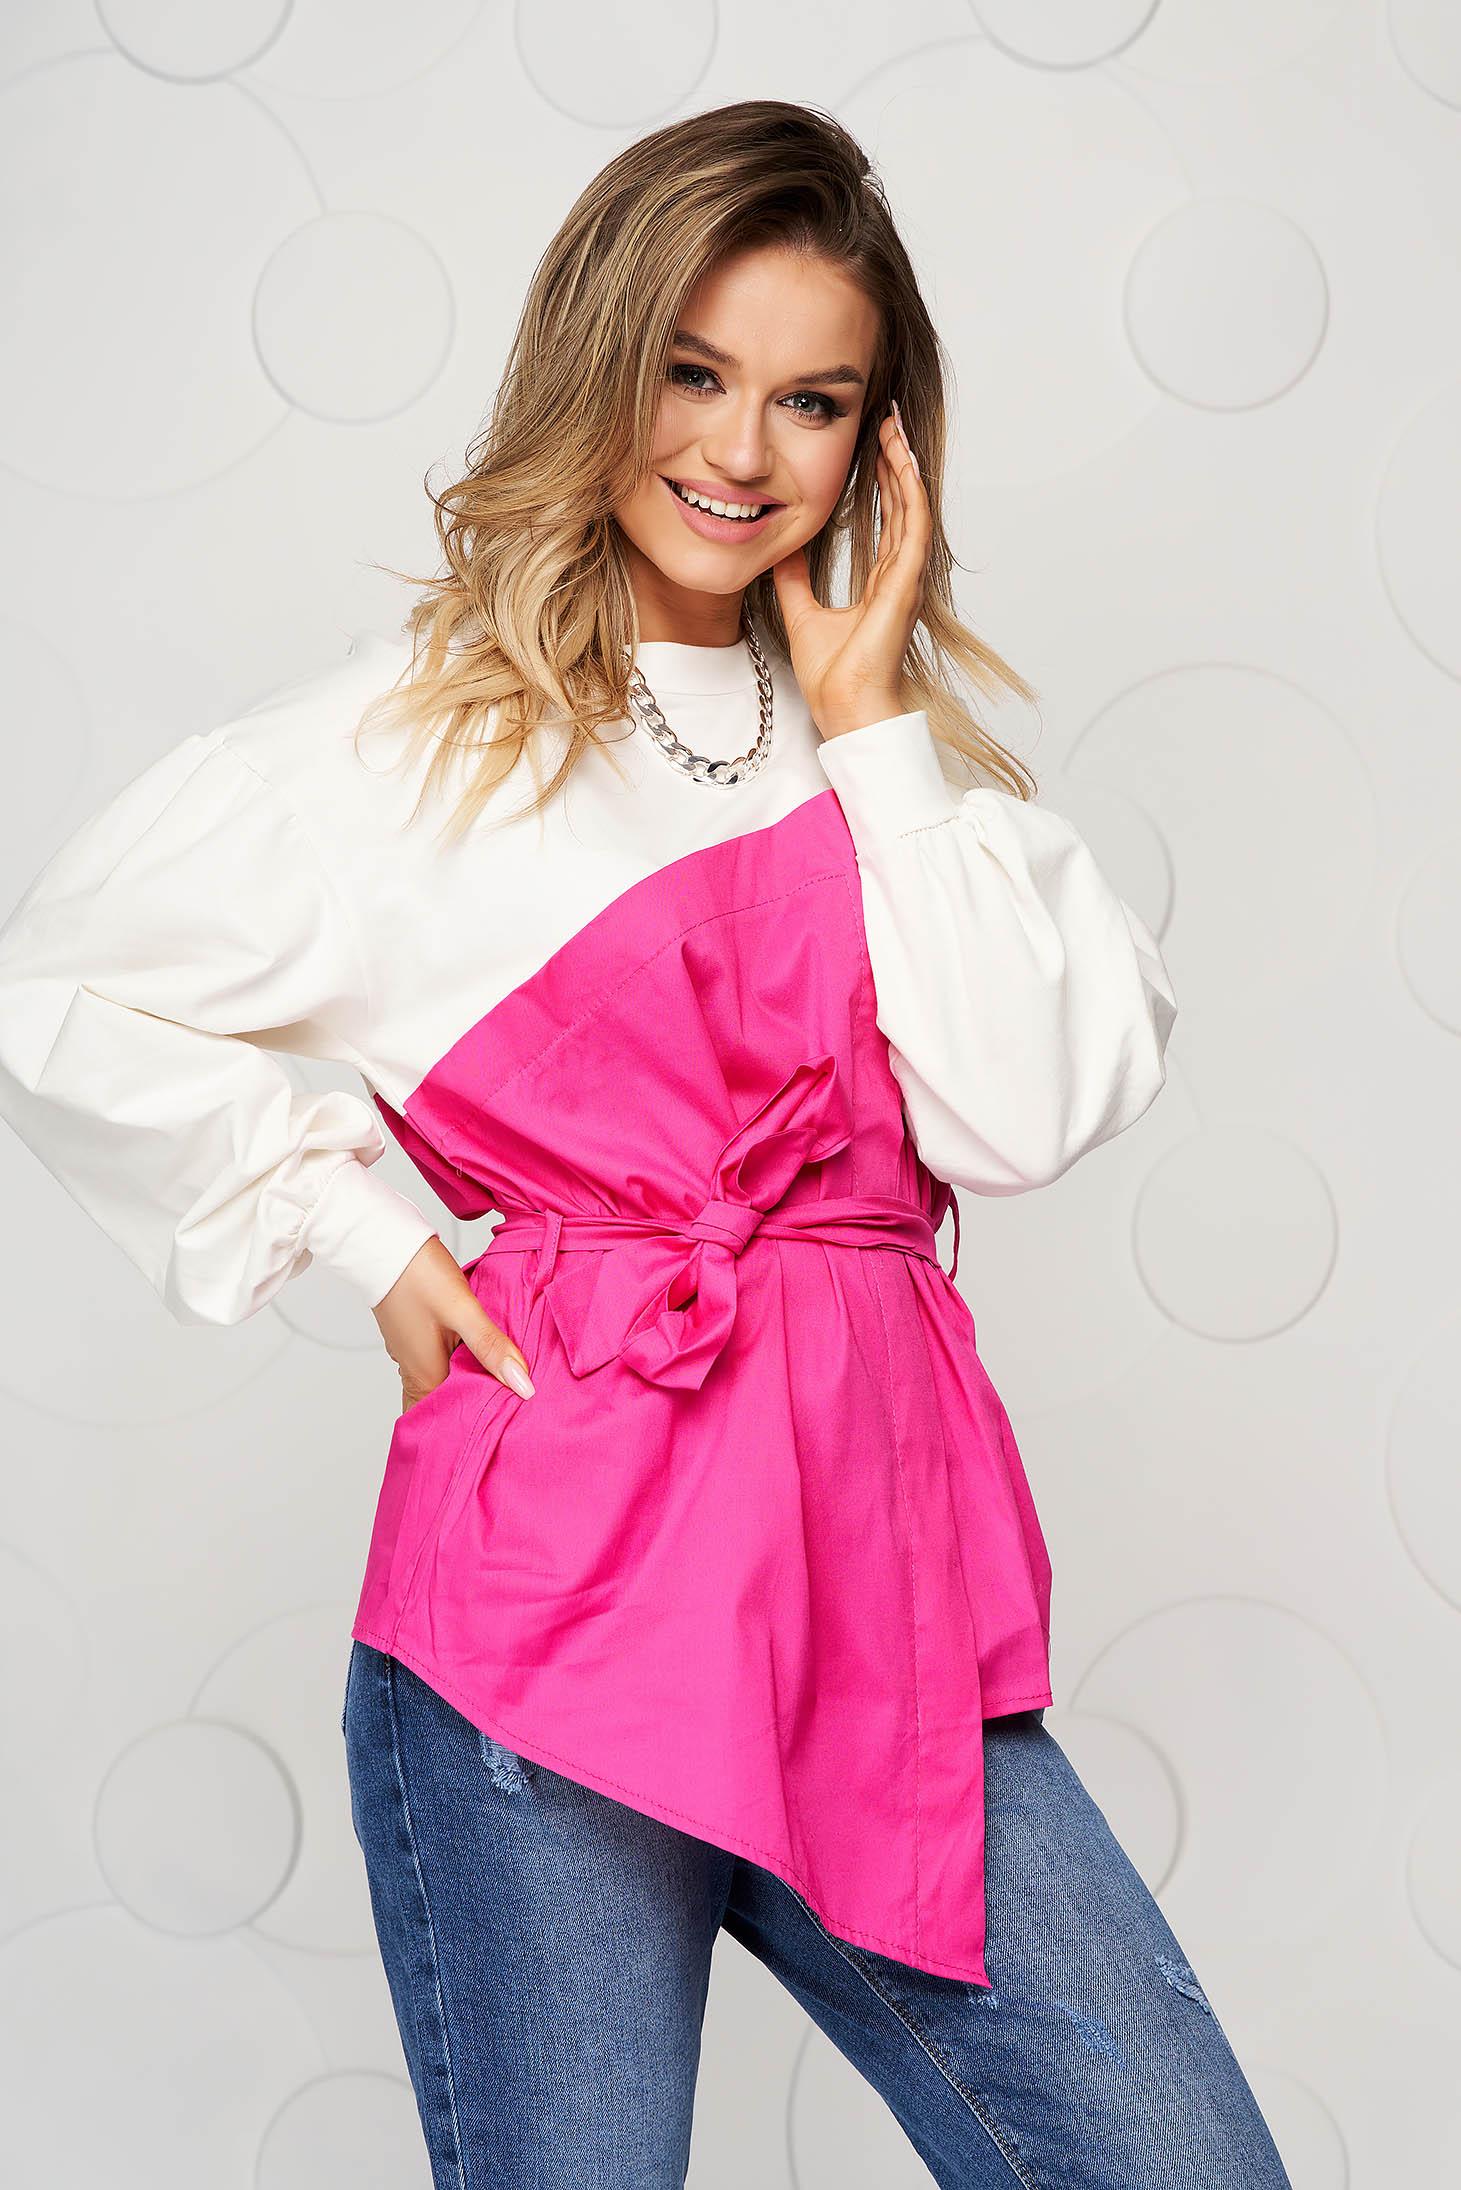 Bluza dama SunShine roz din bumbac cu croi larg accesorizata cu cordon